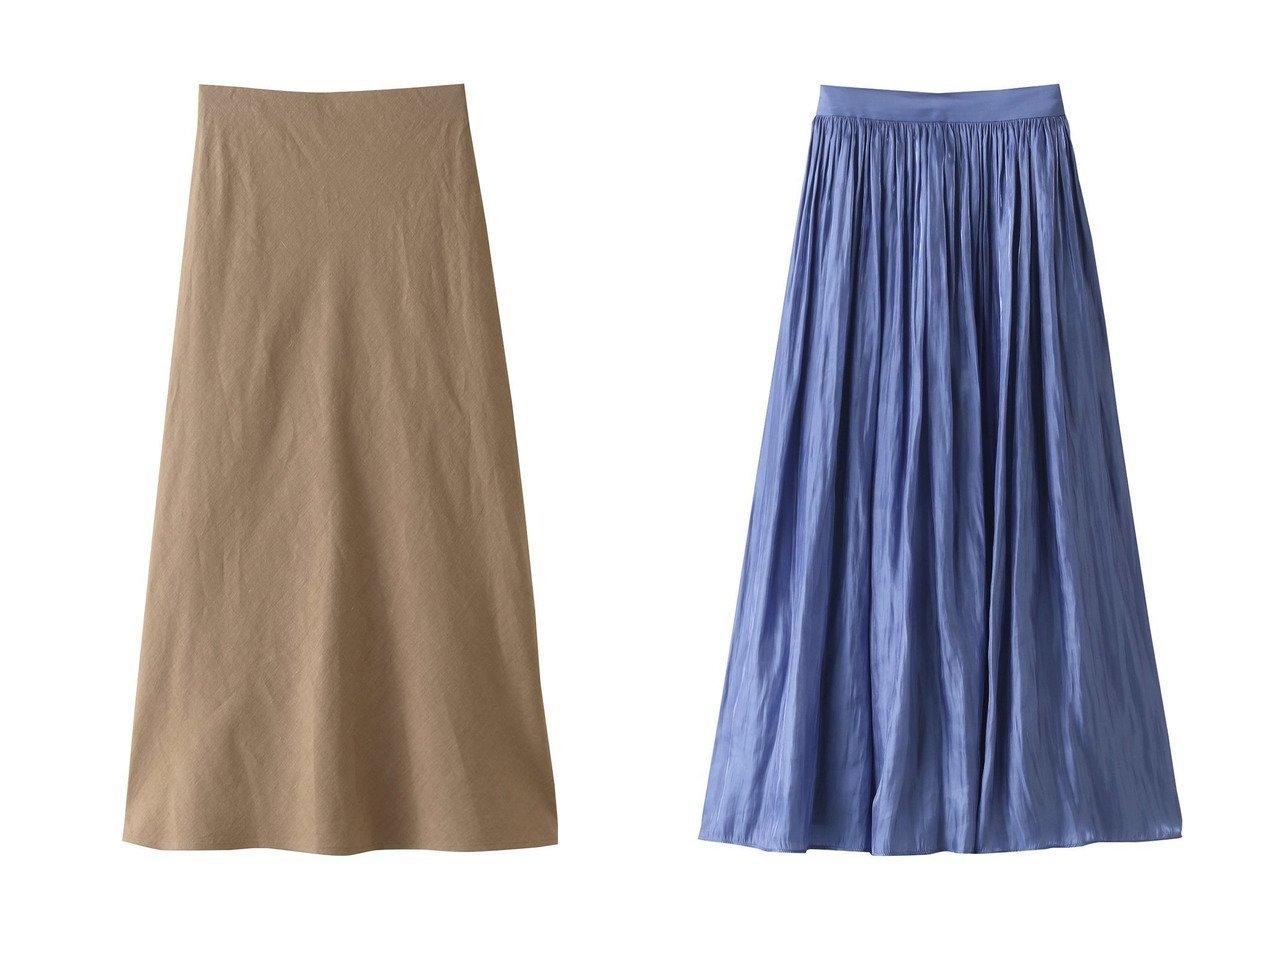 【allureville/アルアバイル】のリネンナロースカート&プラチナサテンギャザースカート 【スカート】おすすめ!人気、トレンド・レディースファッションの通販 おすすめで人気の流行・トレンド、ファッションの通販商品 インテリア・家具・メンズファッション・キッズファッション・レディースファッション・服の通販 founy(ファニー) https://founy.com/ ファッション Fashion レディースファッション WOMEN スカート Skirt S/S・春夏 SS・Spring/Summer サテン シアー 夏 Summer 春 Spring シンプル プリント リネン  ID:crp329100000048108